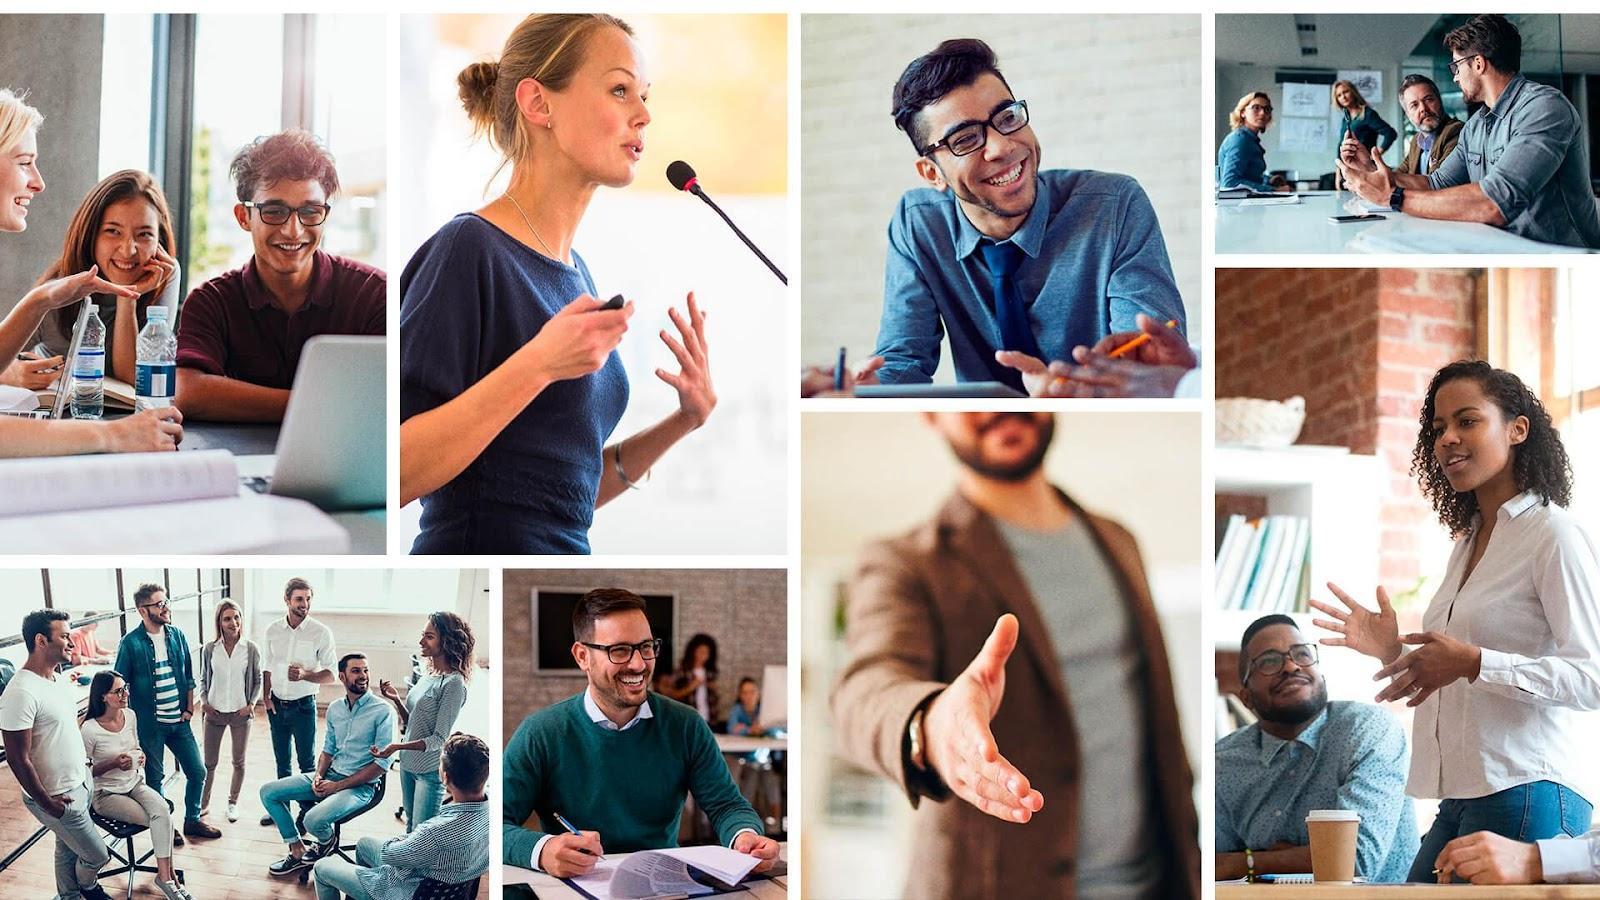 Uma imagem contendo pessoa, foto, grupo, pessoas  Descrição gerada automaticamente